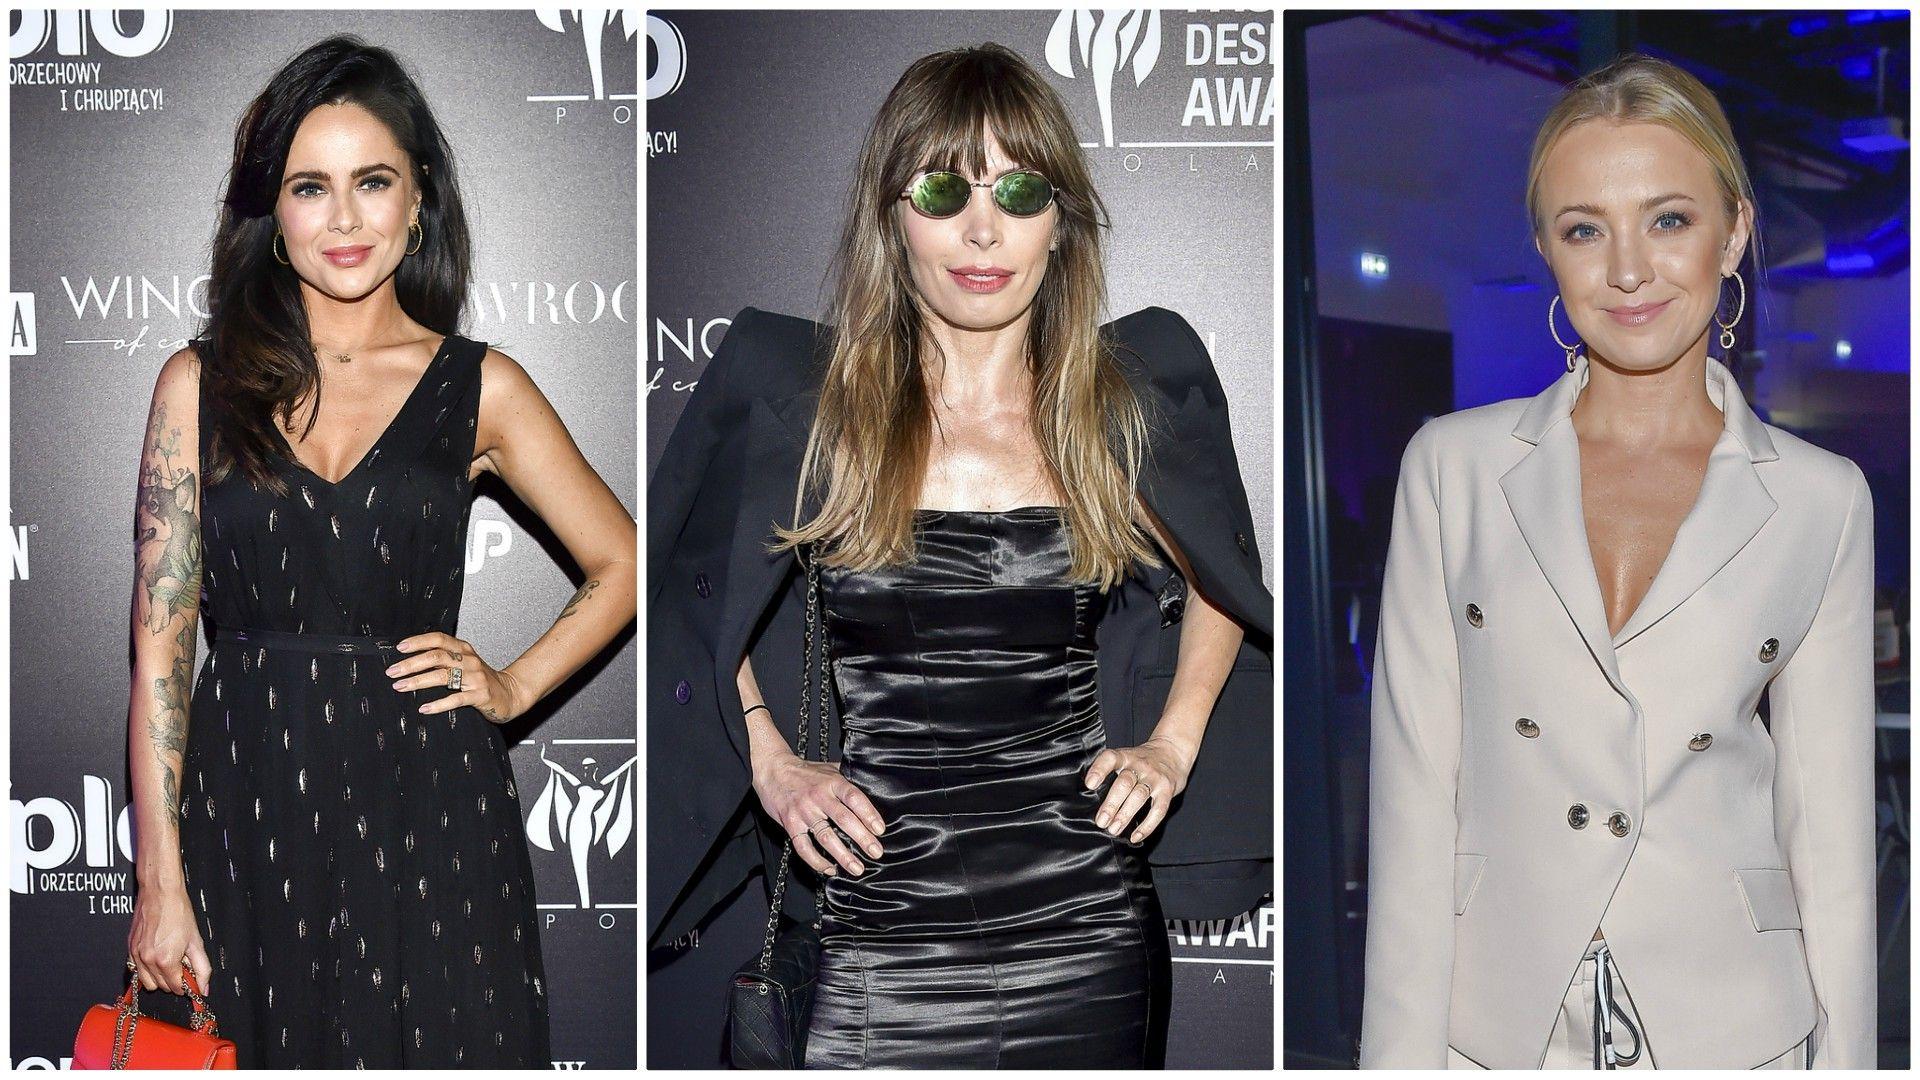 Gwiazdy na 10. edycji Fashion Designer Awards